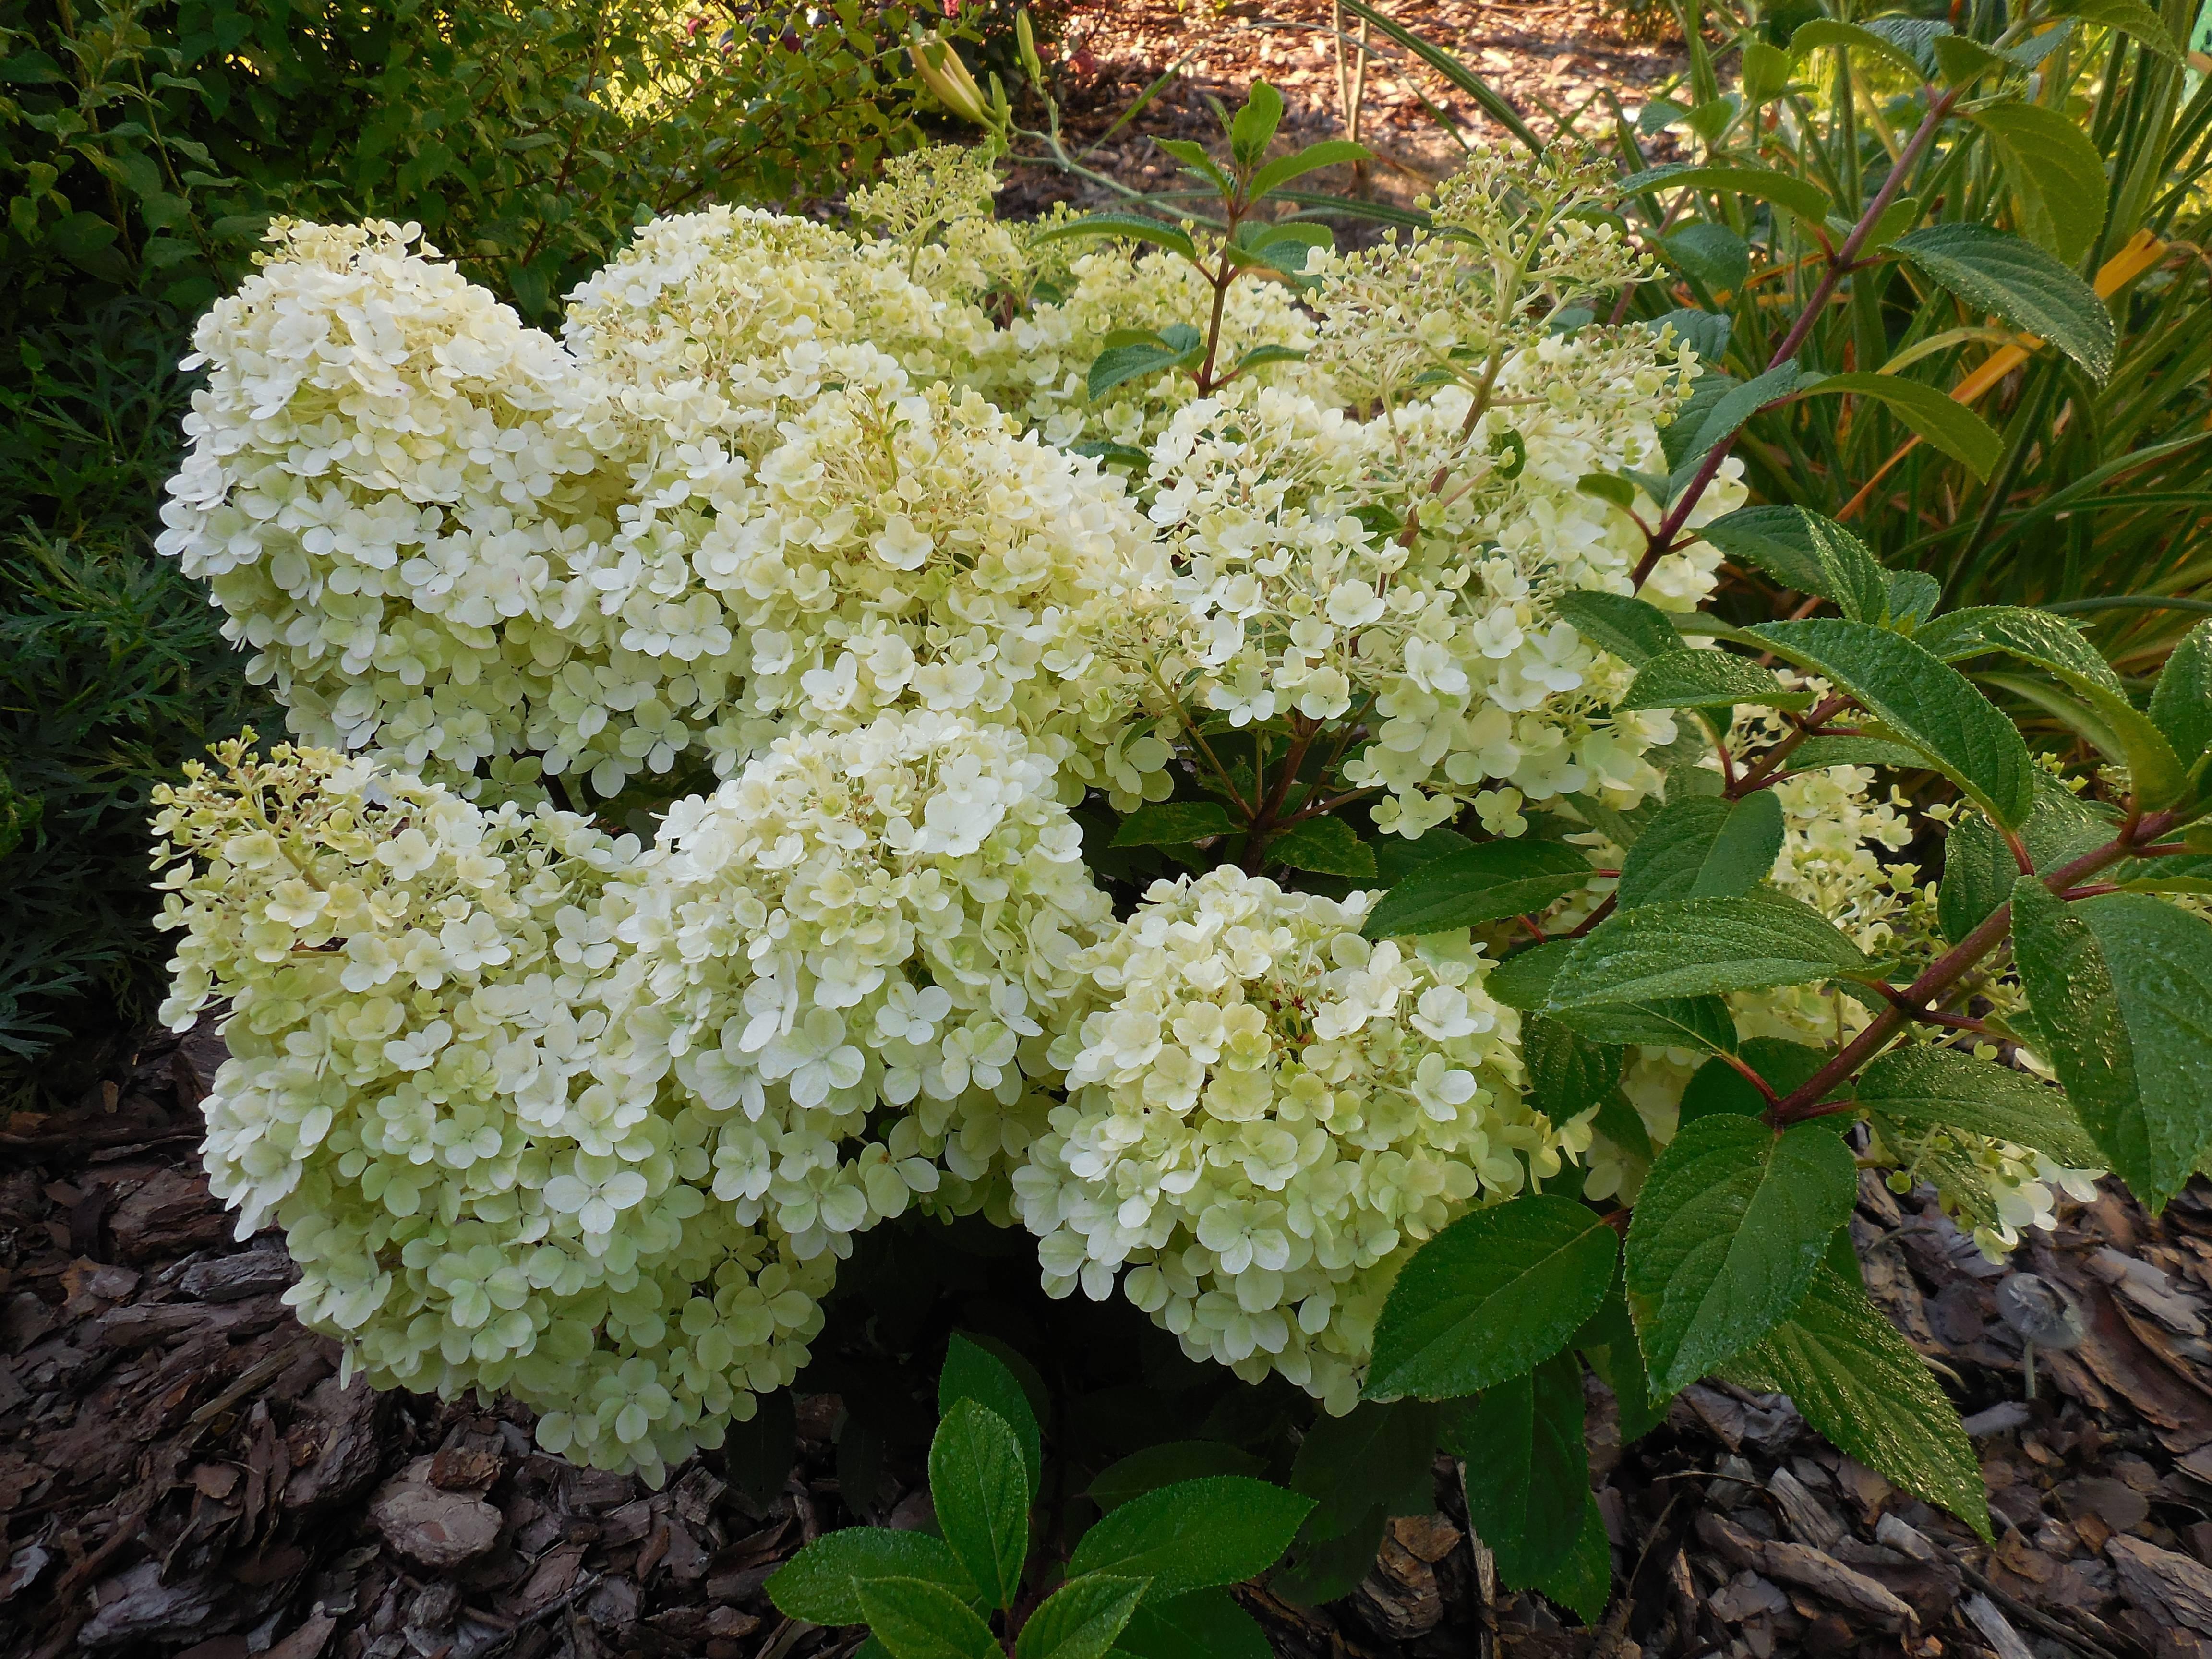 Гортензия вимс ред — описание метельчатой садовой гортензии